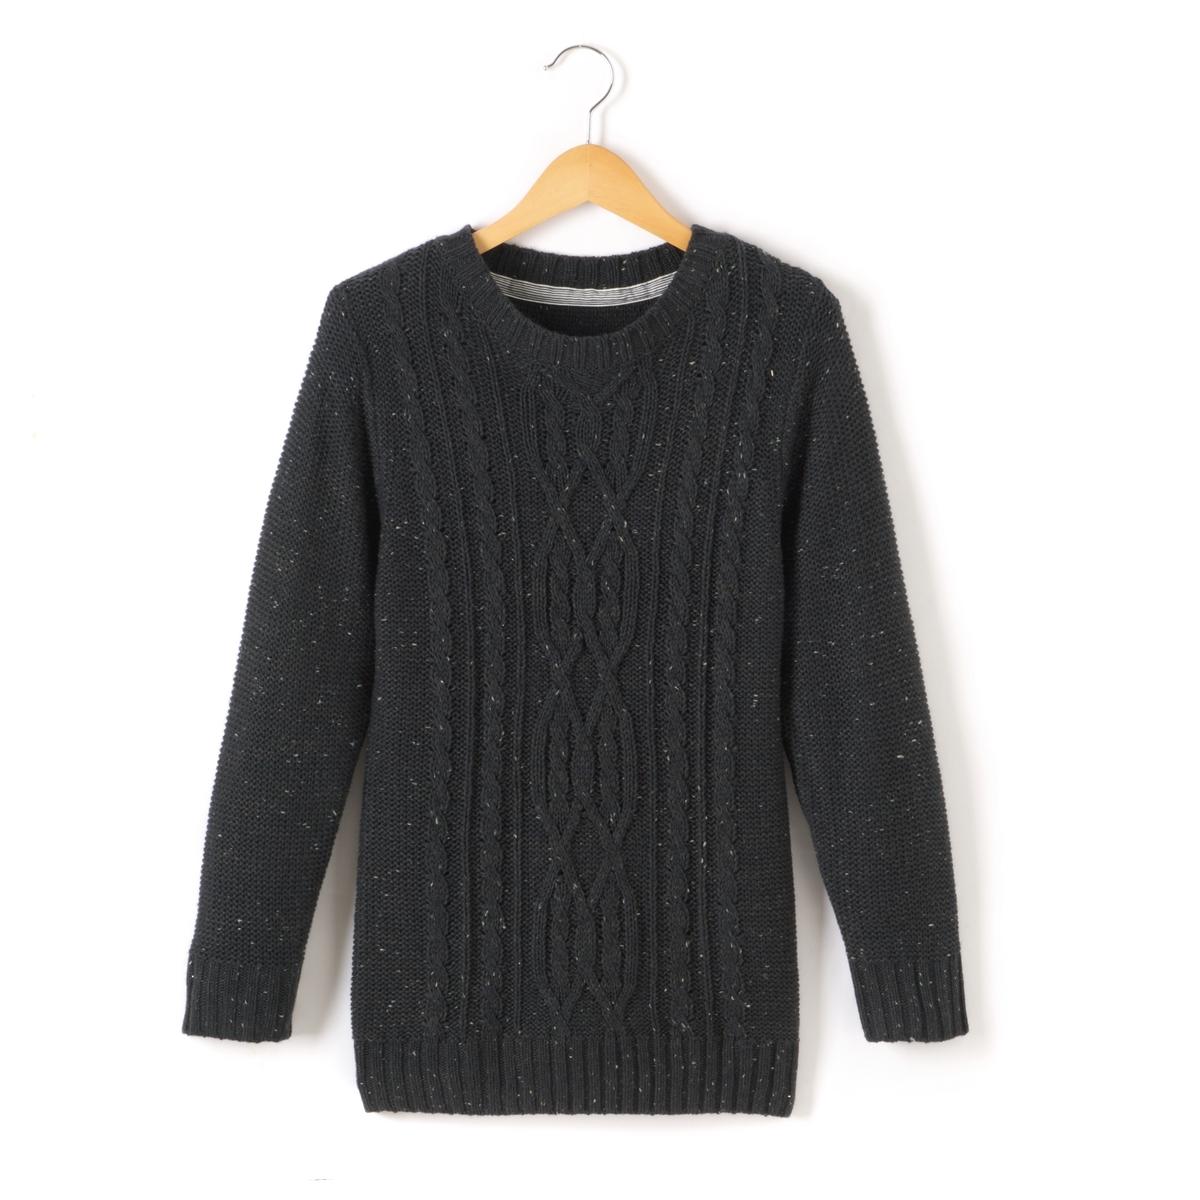 Пуловер с узором косы, 10-16 лет